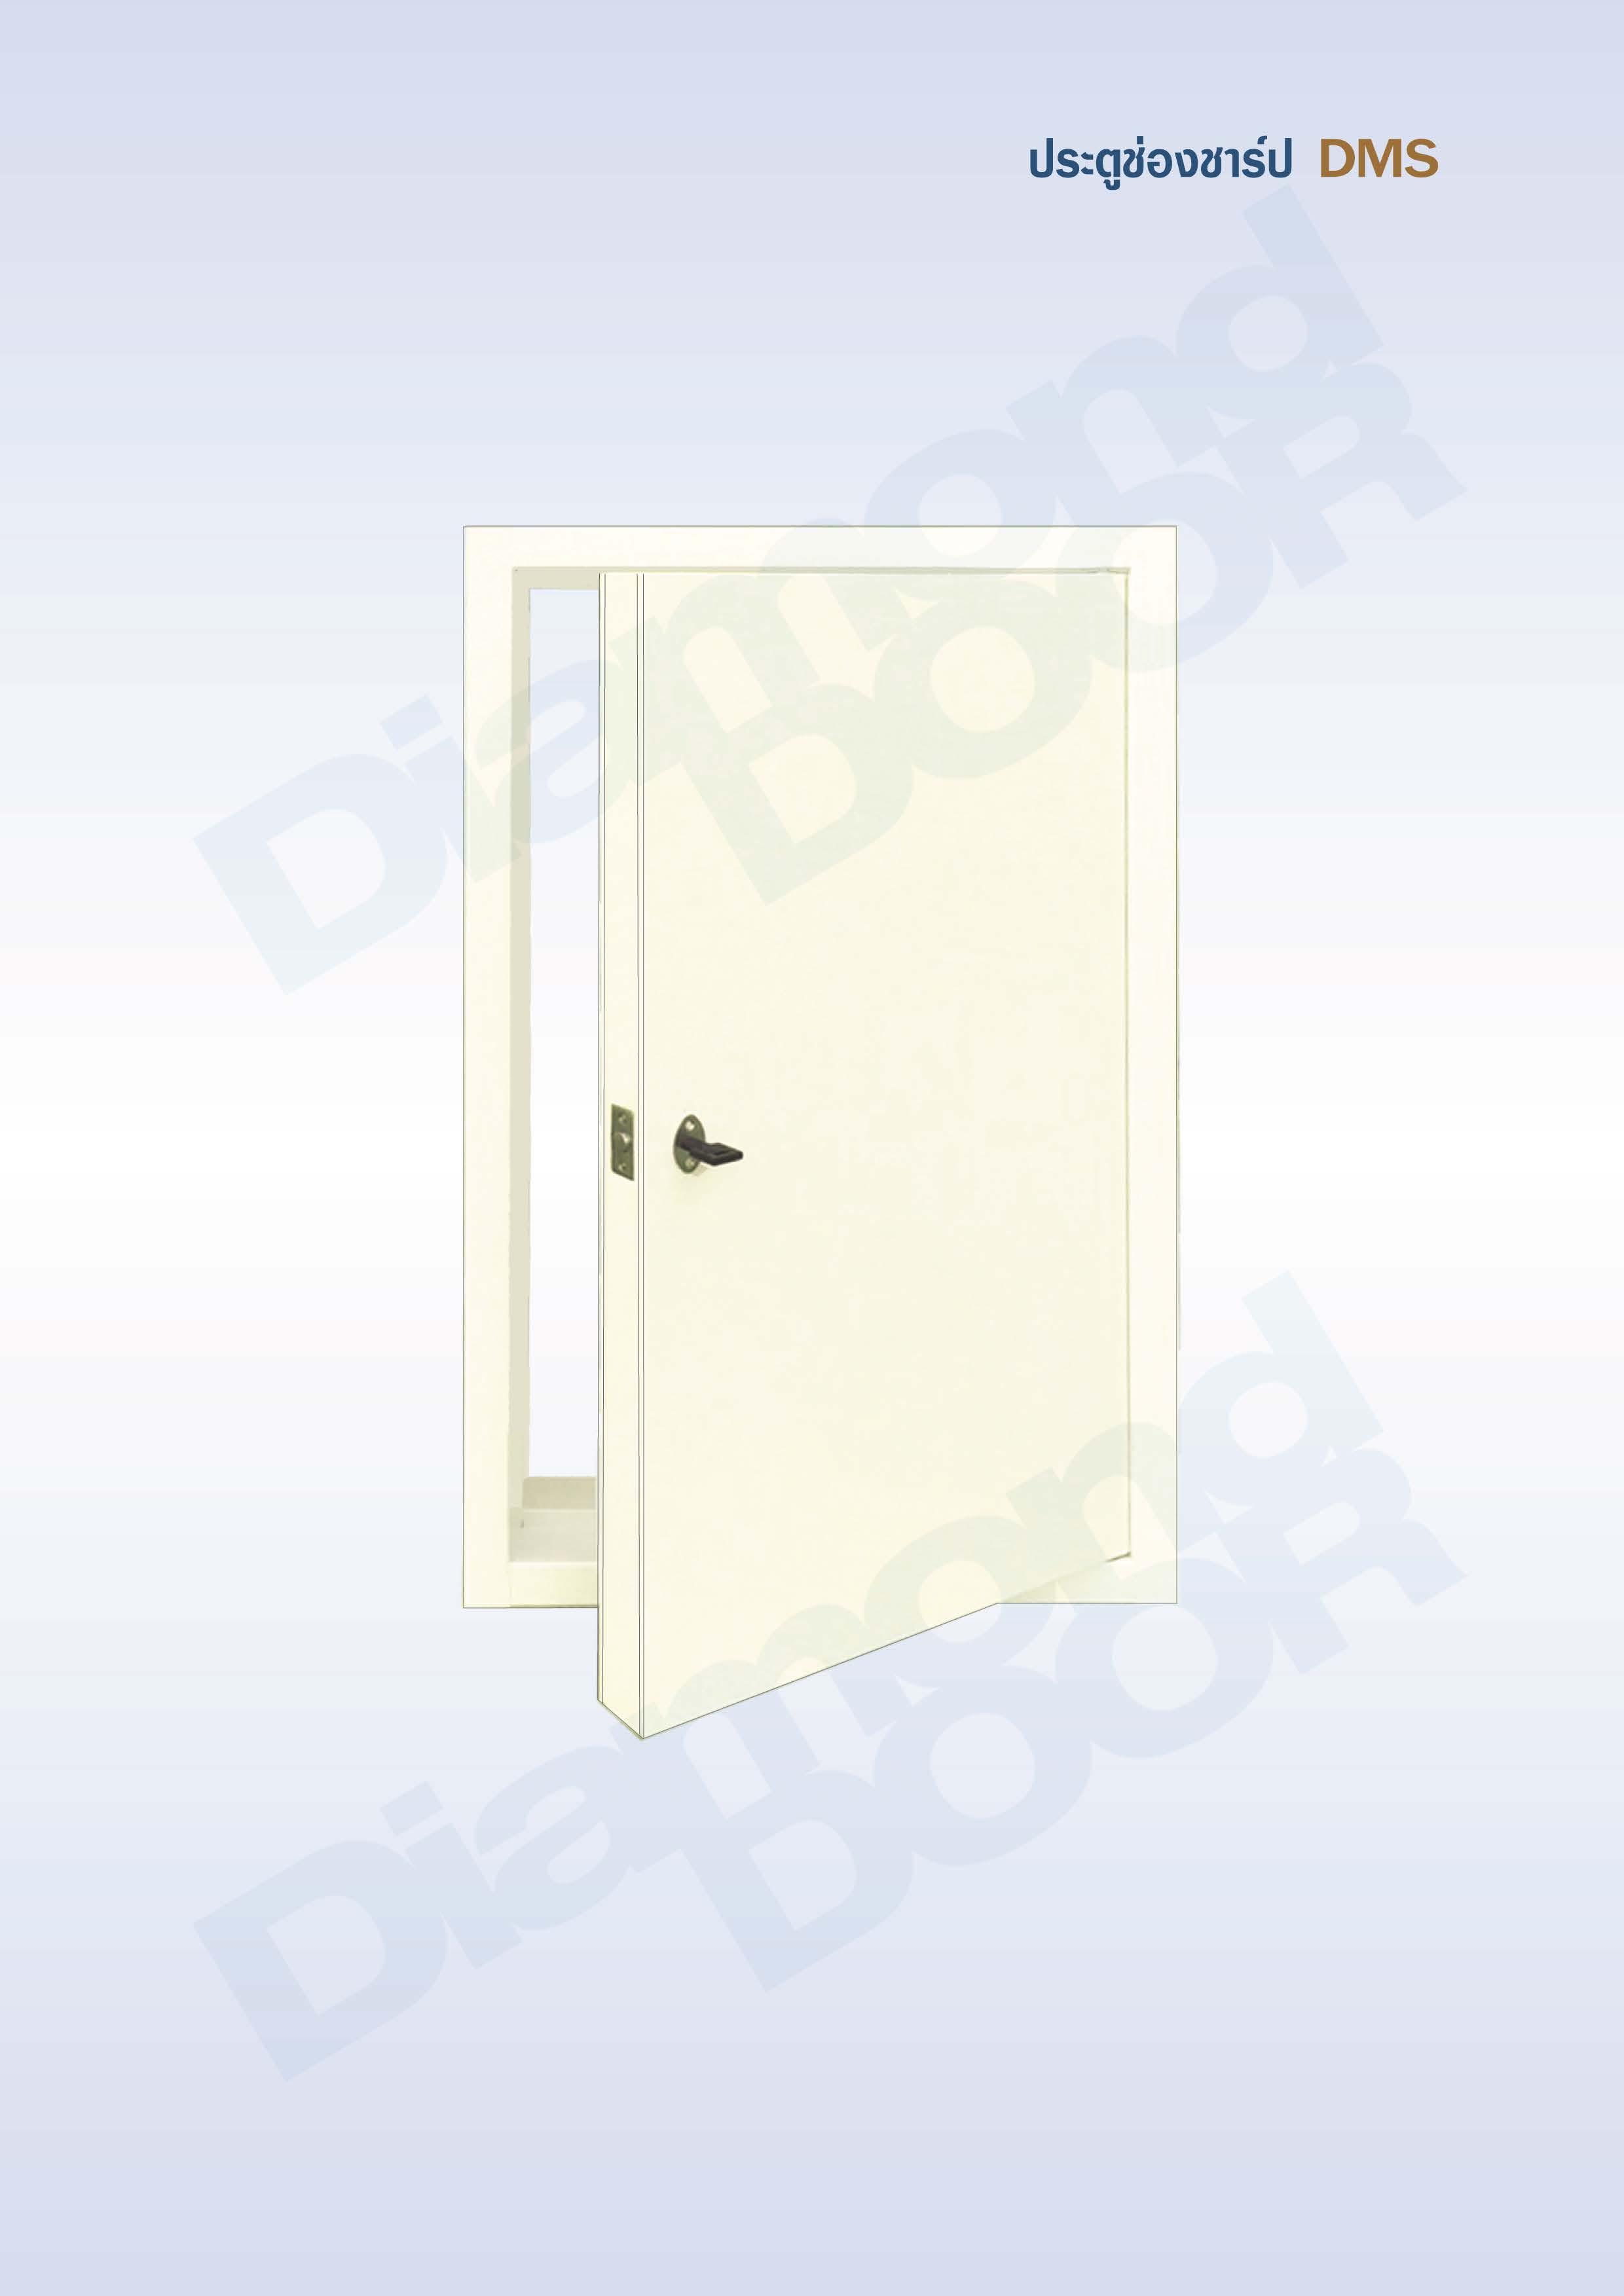 ประตูเหล็กสำหรับช่องเซอร์วิสชาร์ป